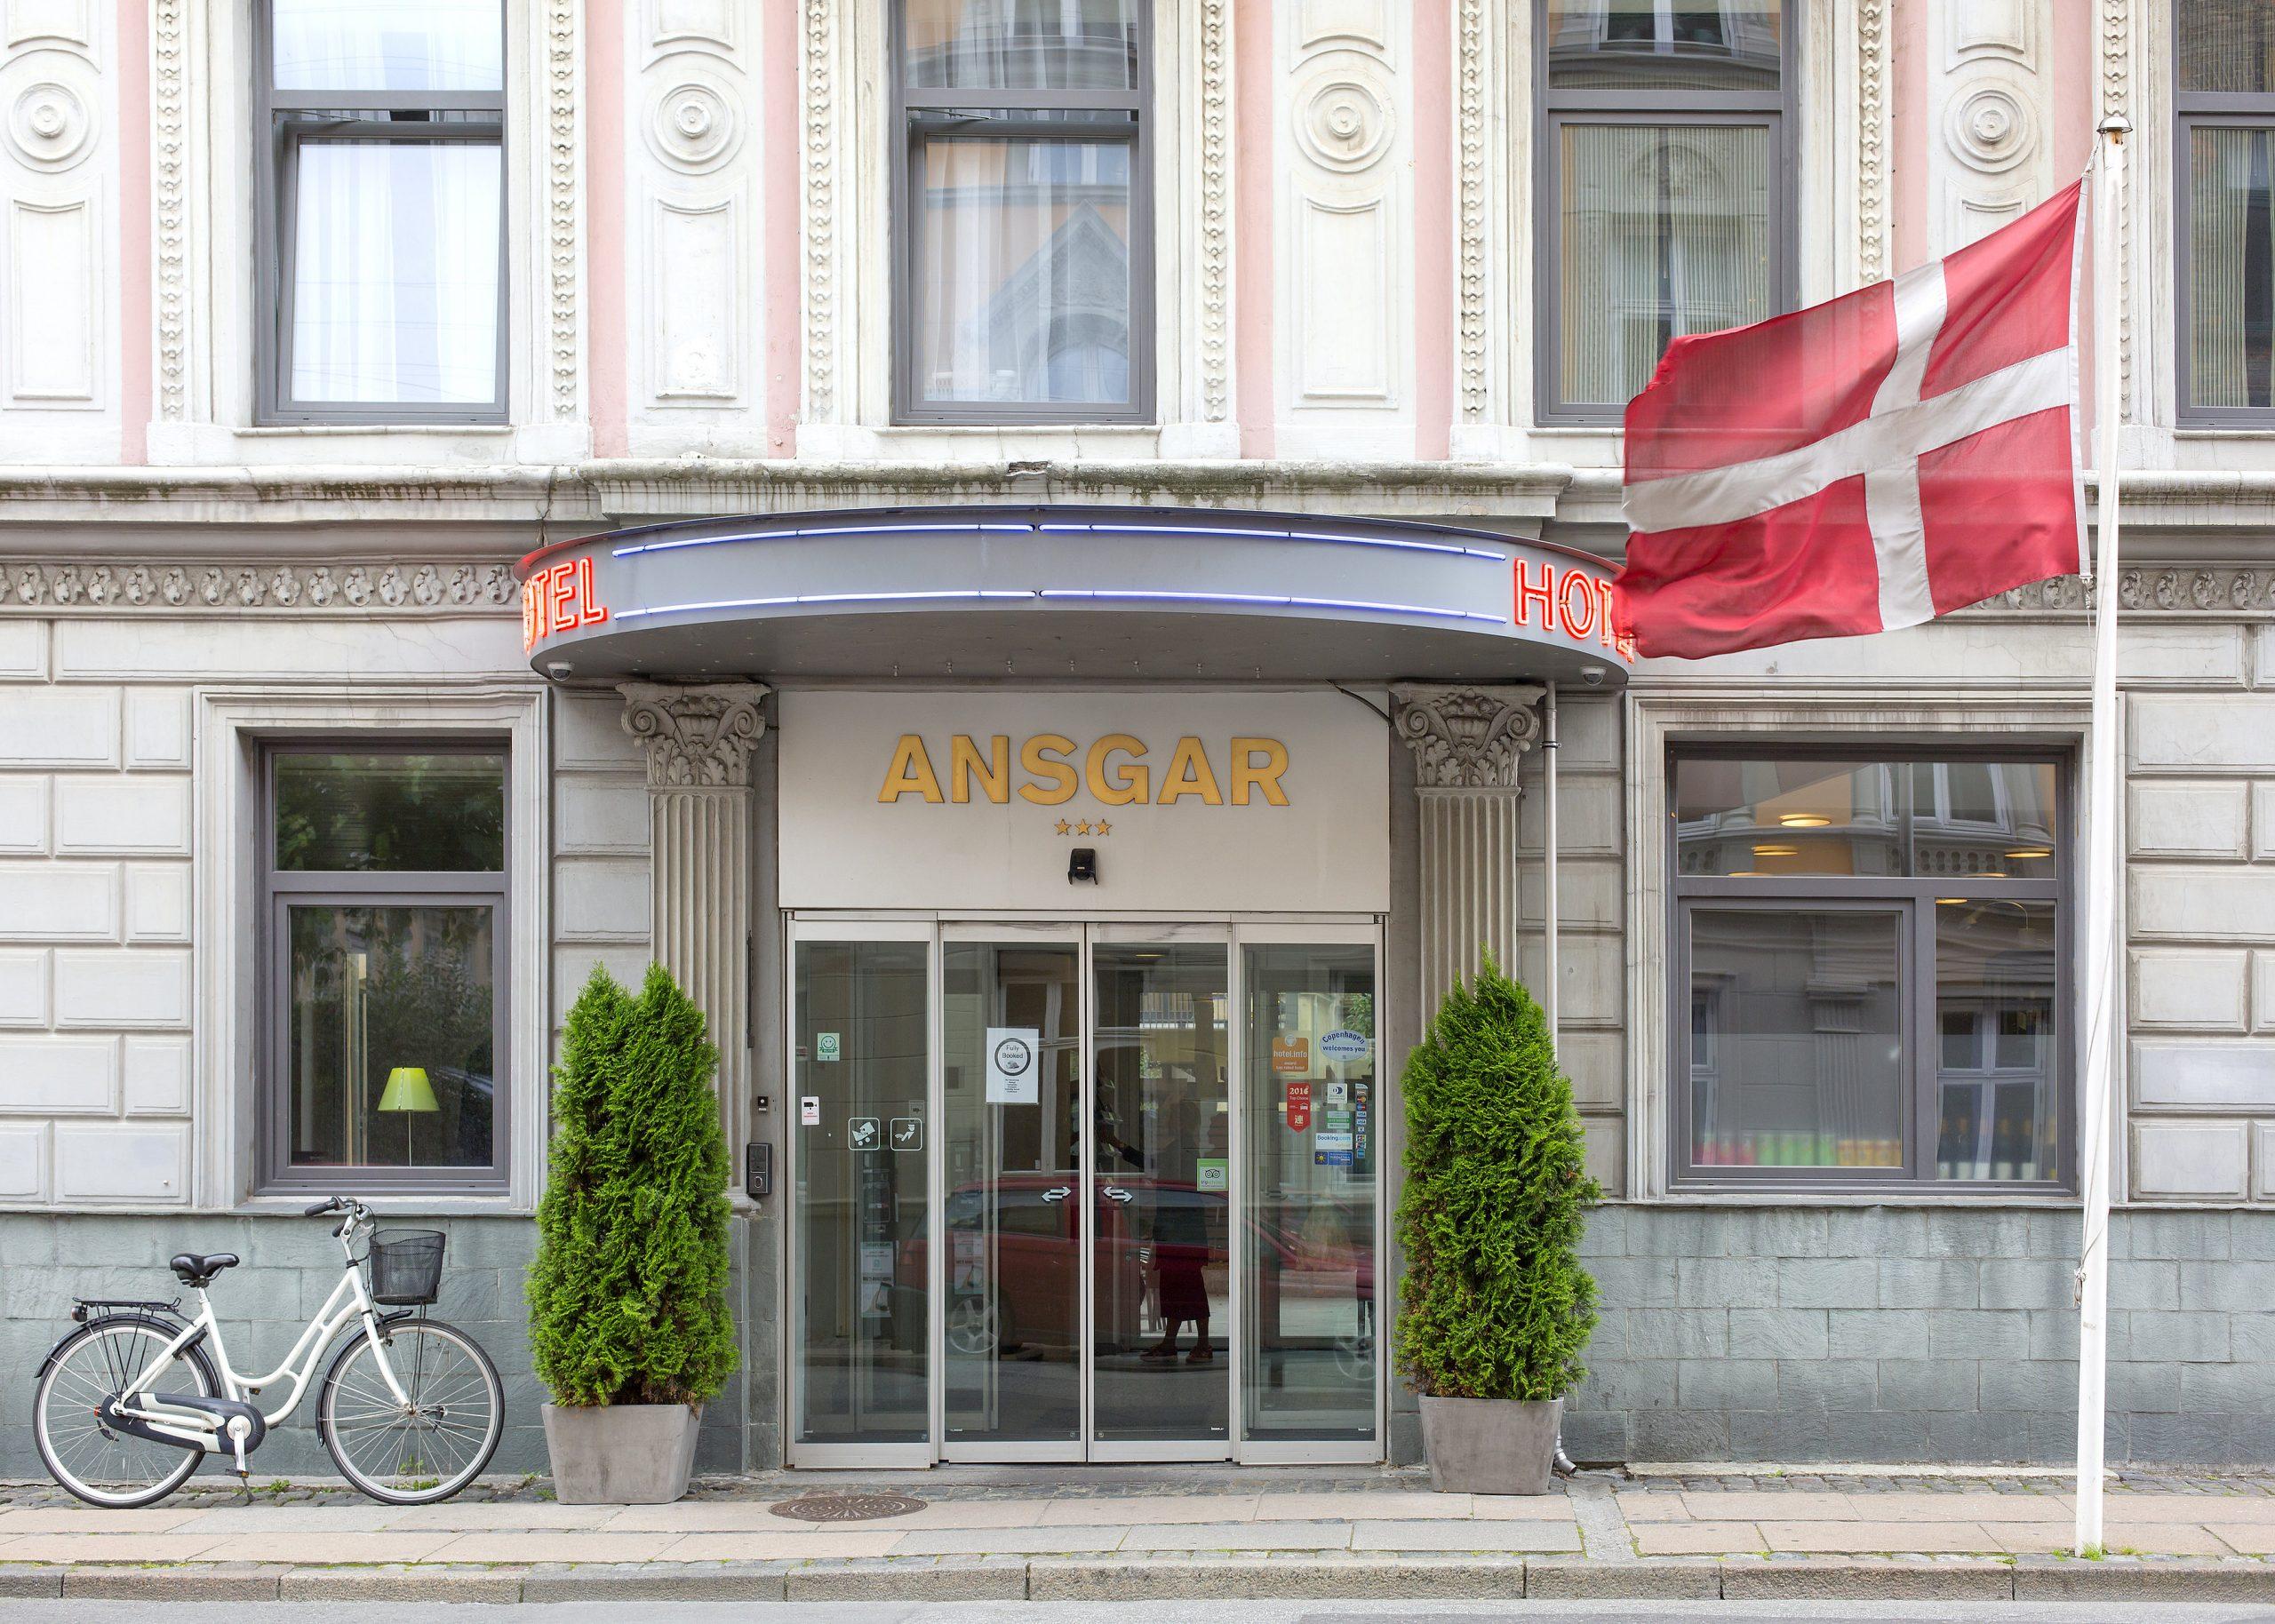 Trestjernede Hotel Ansgar bag Hovedbanegården i København er netop blevet købt af Hotel Holdings, hvis primære ejere også er medejer af et dansk rejsebureau. PR-foto: Go Hotels.